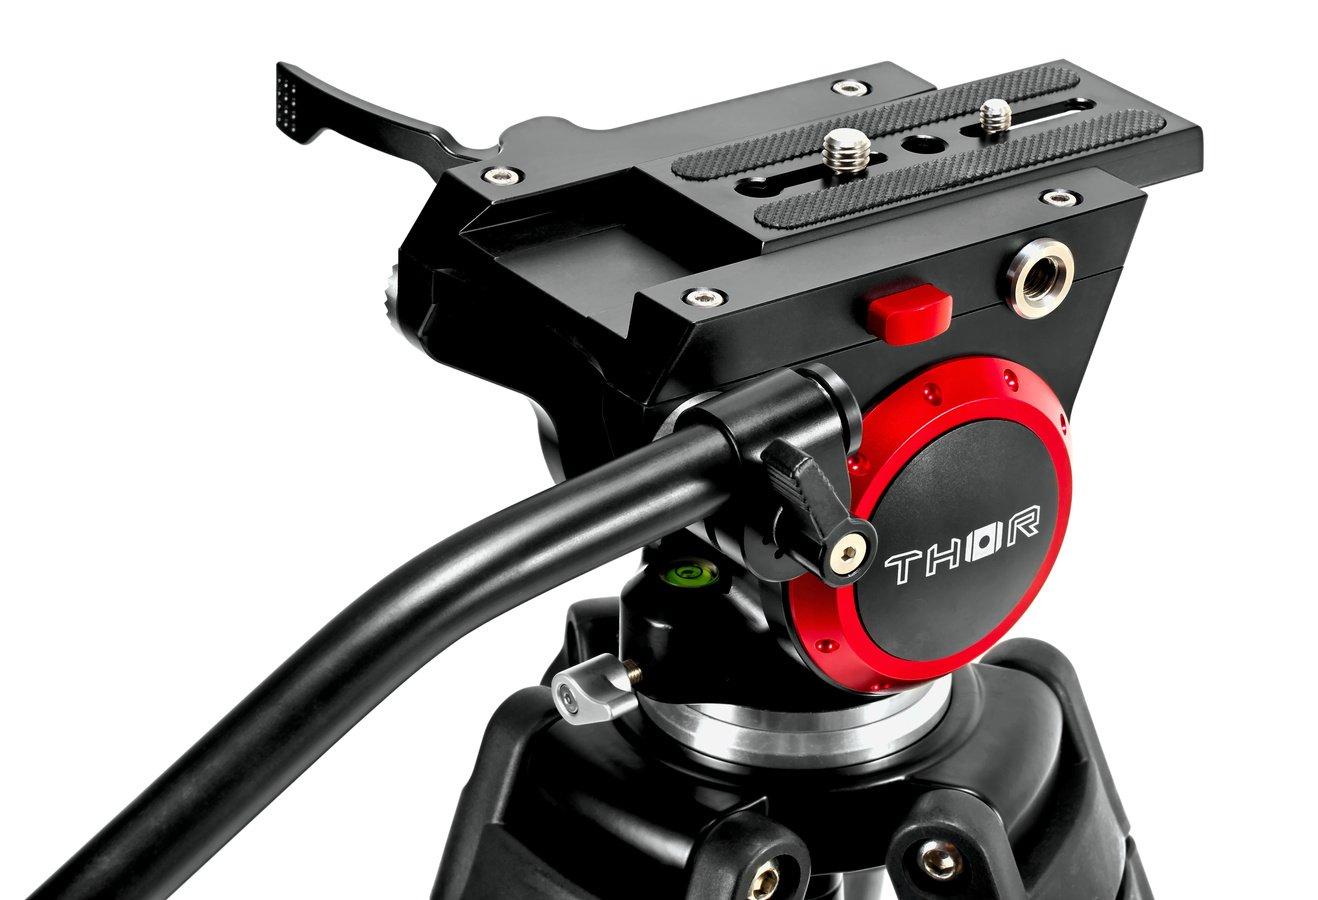 Die Verarbeitung des mitgelieferte DVH-7506 Stativkopfes ist auf hohem Niveau.